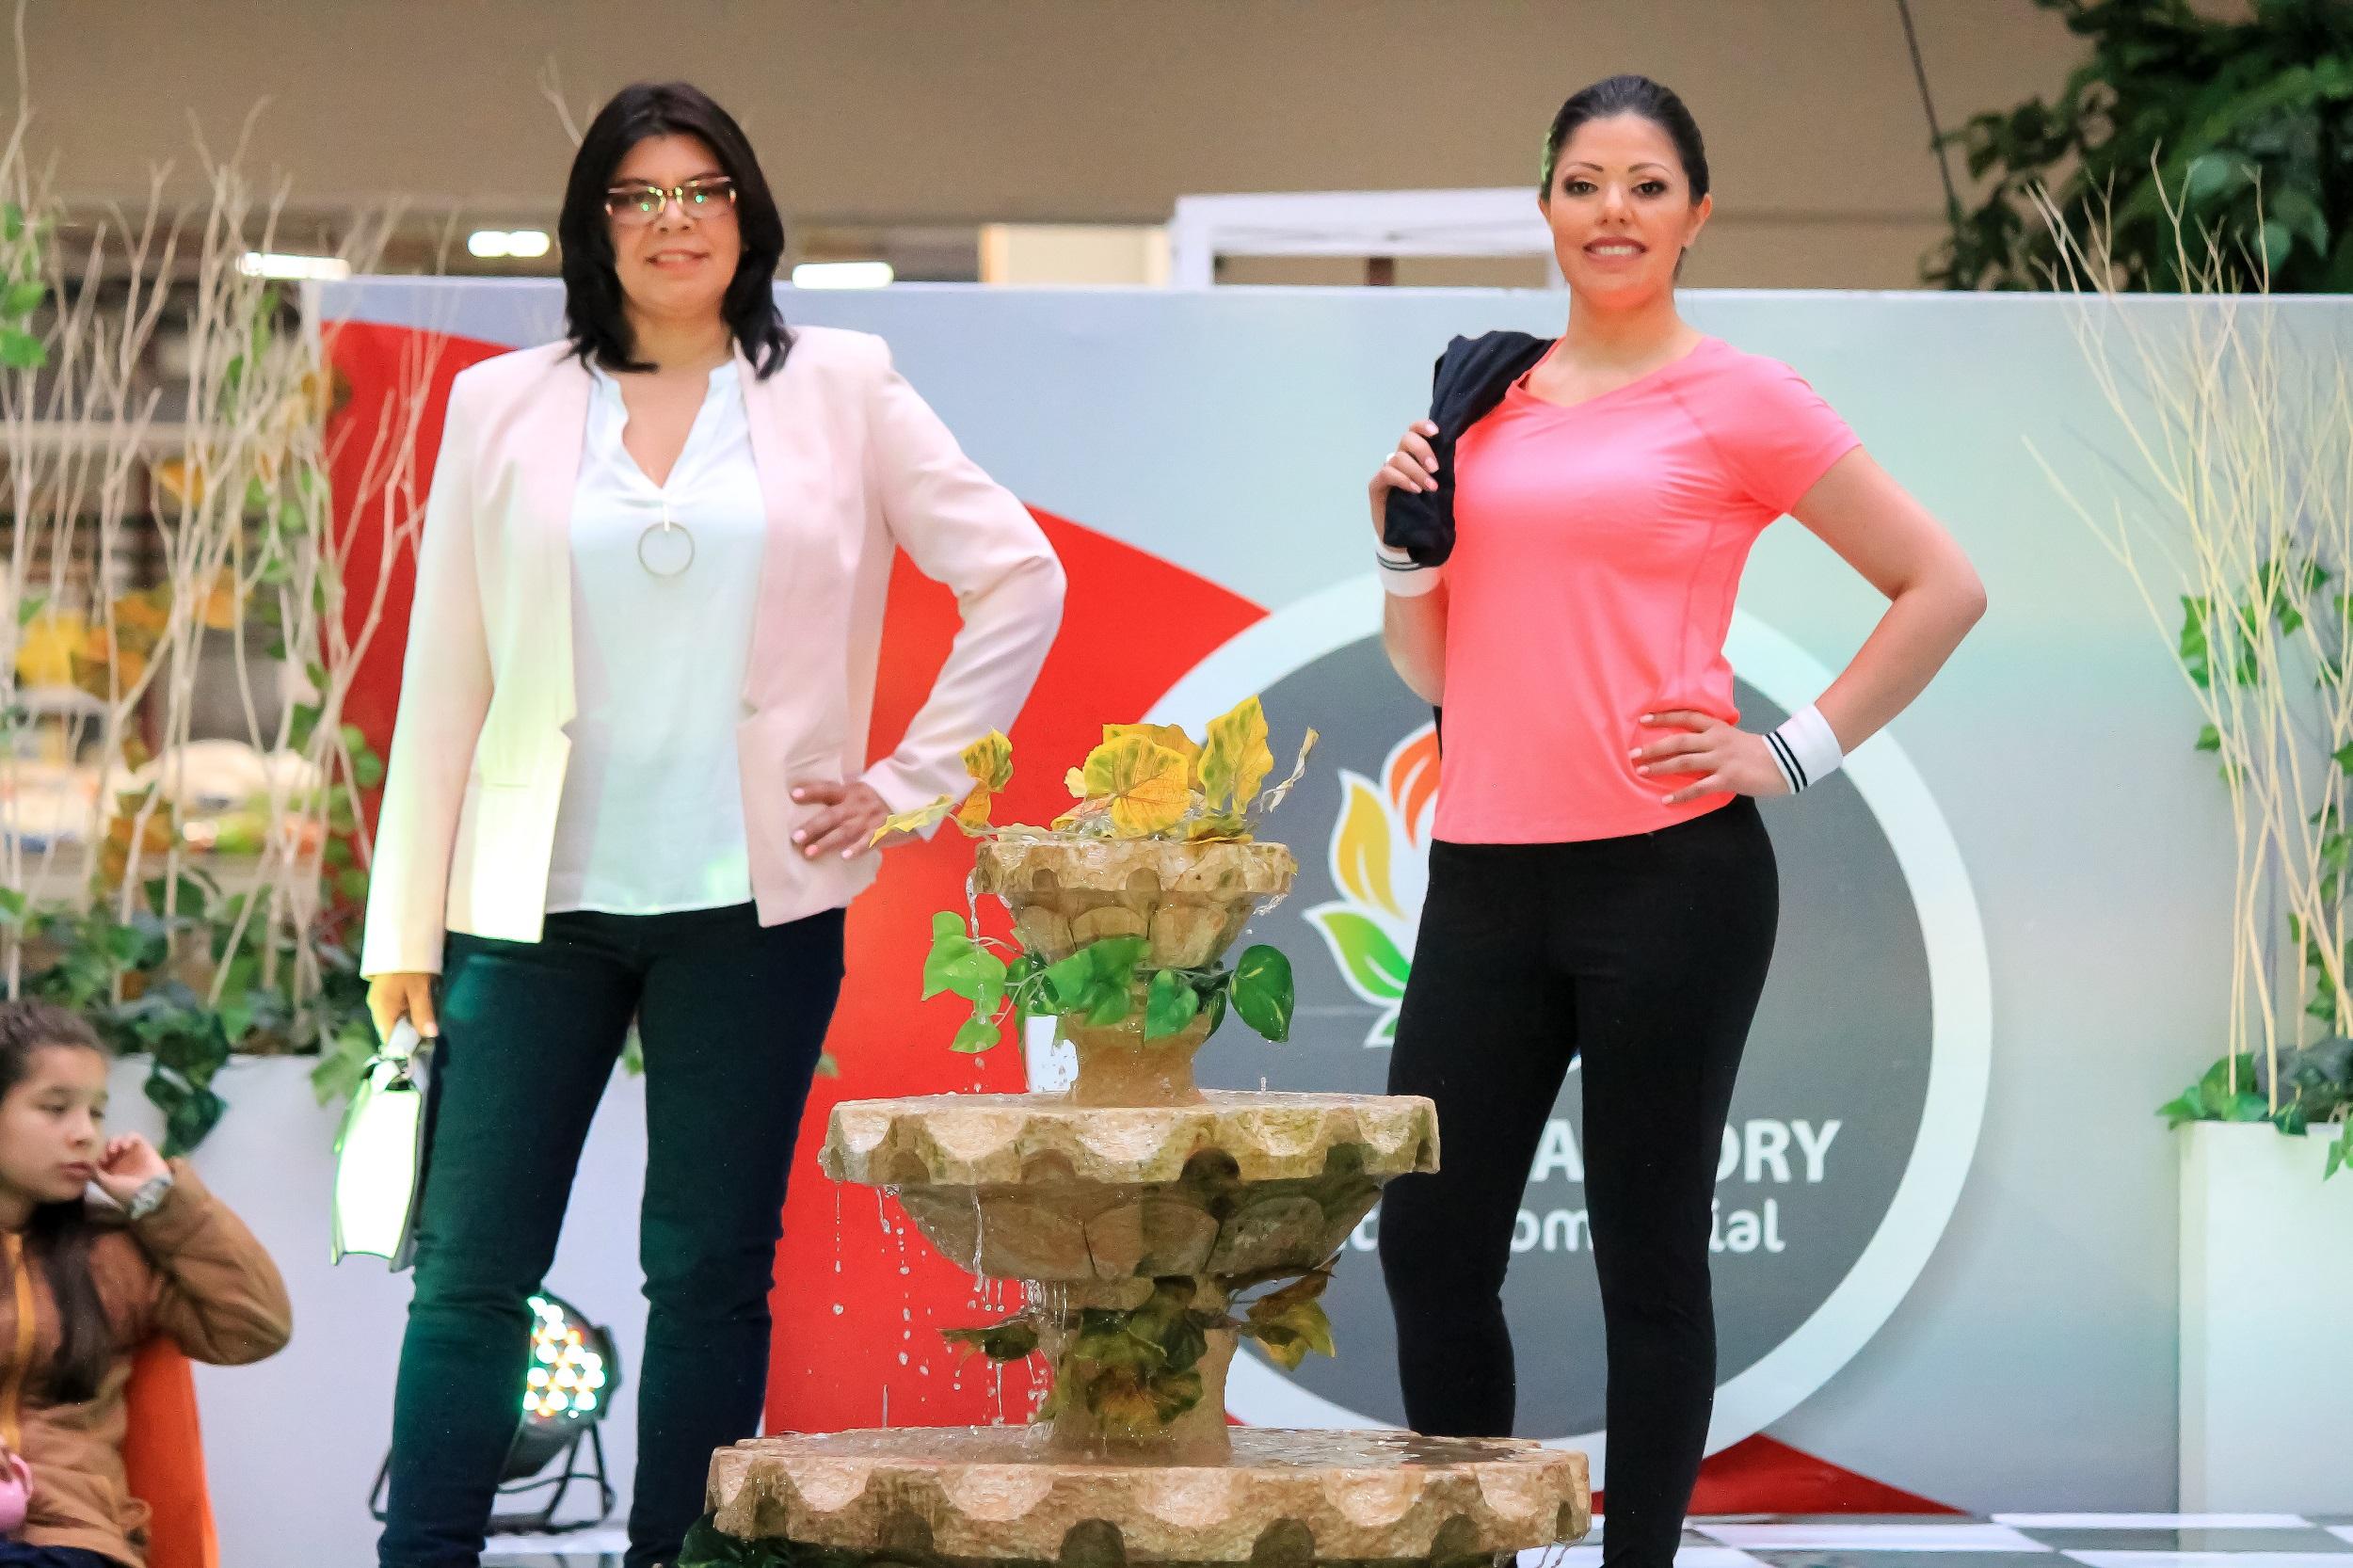 Llega a Bogotá la segunda edición de mujeres valientes, una pasarela llena de amor